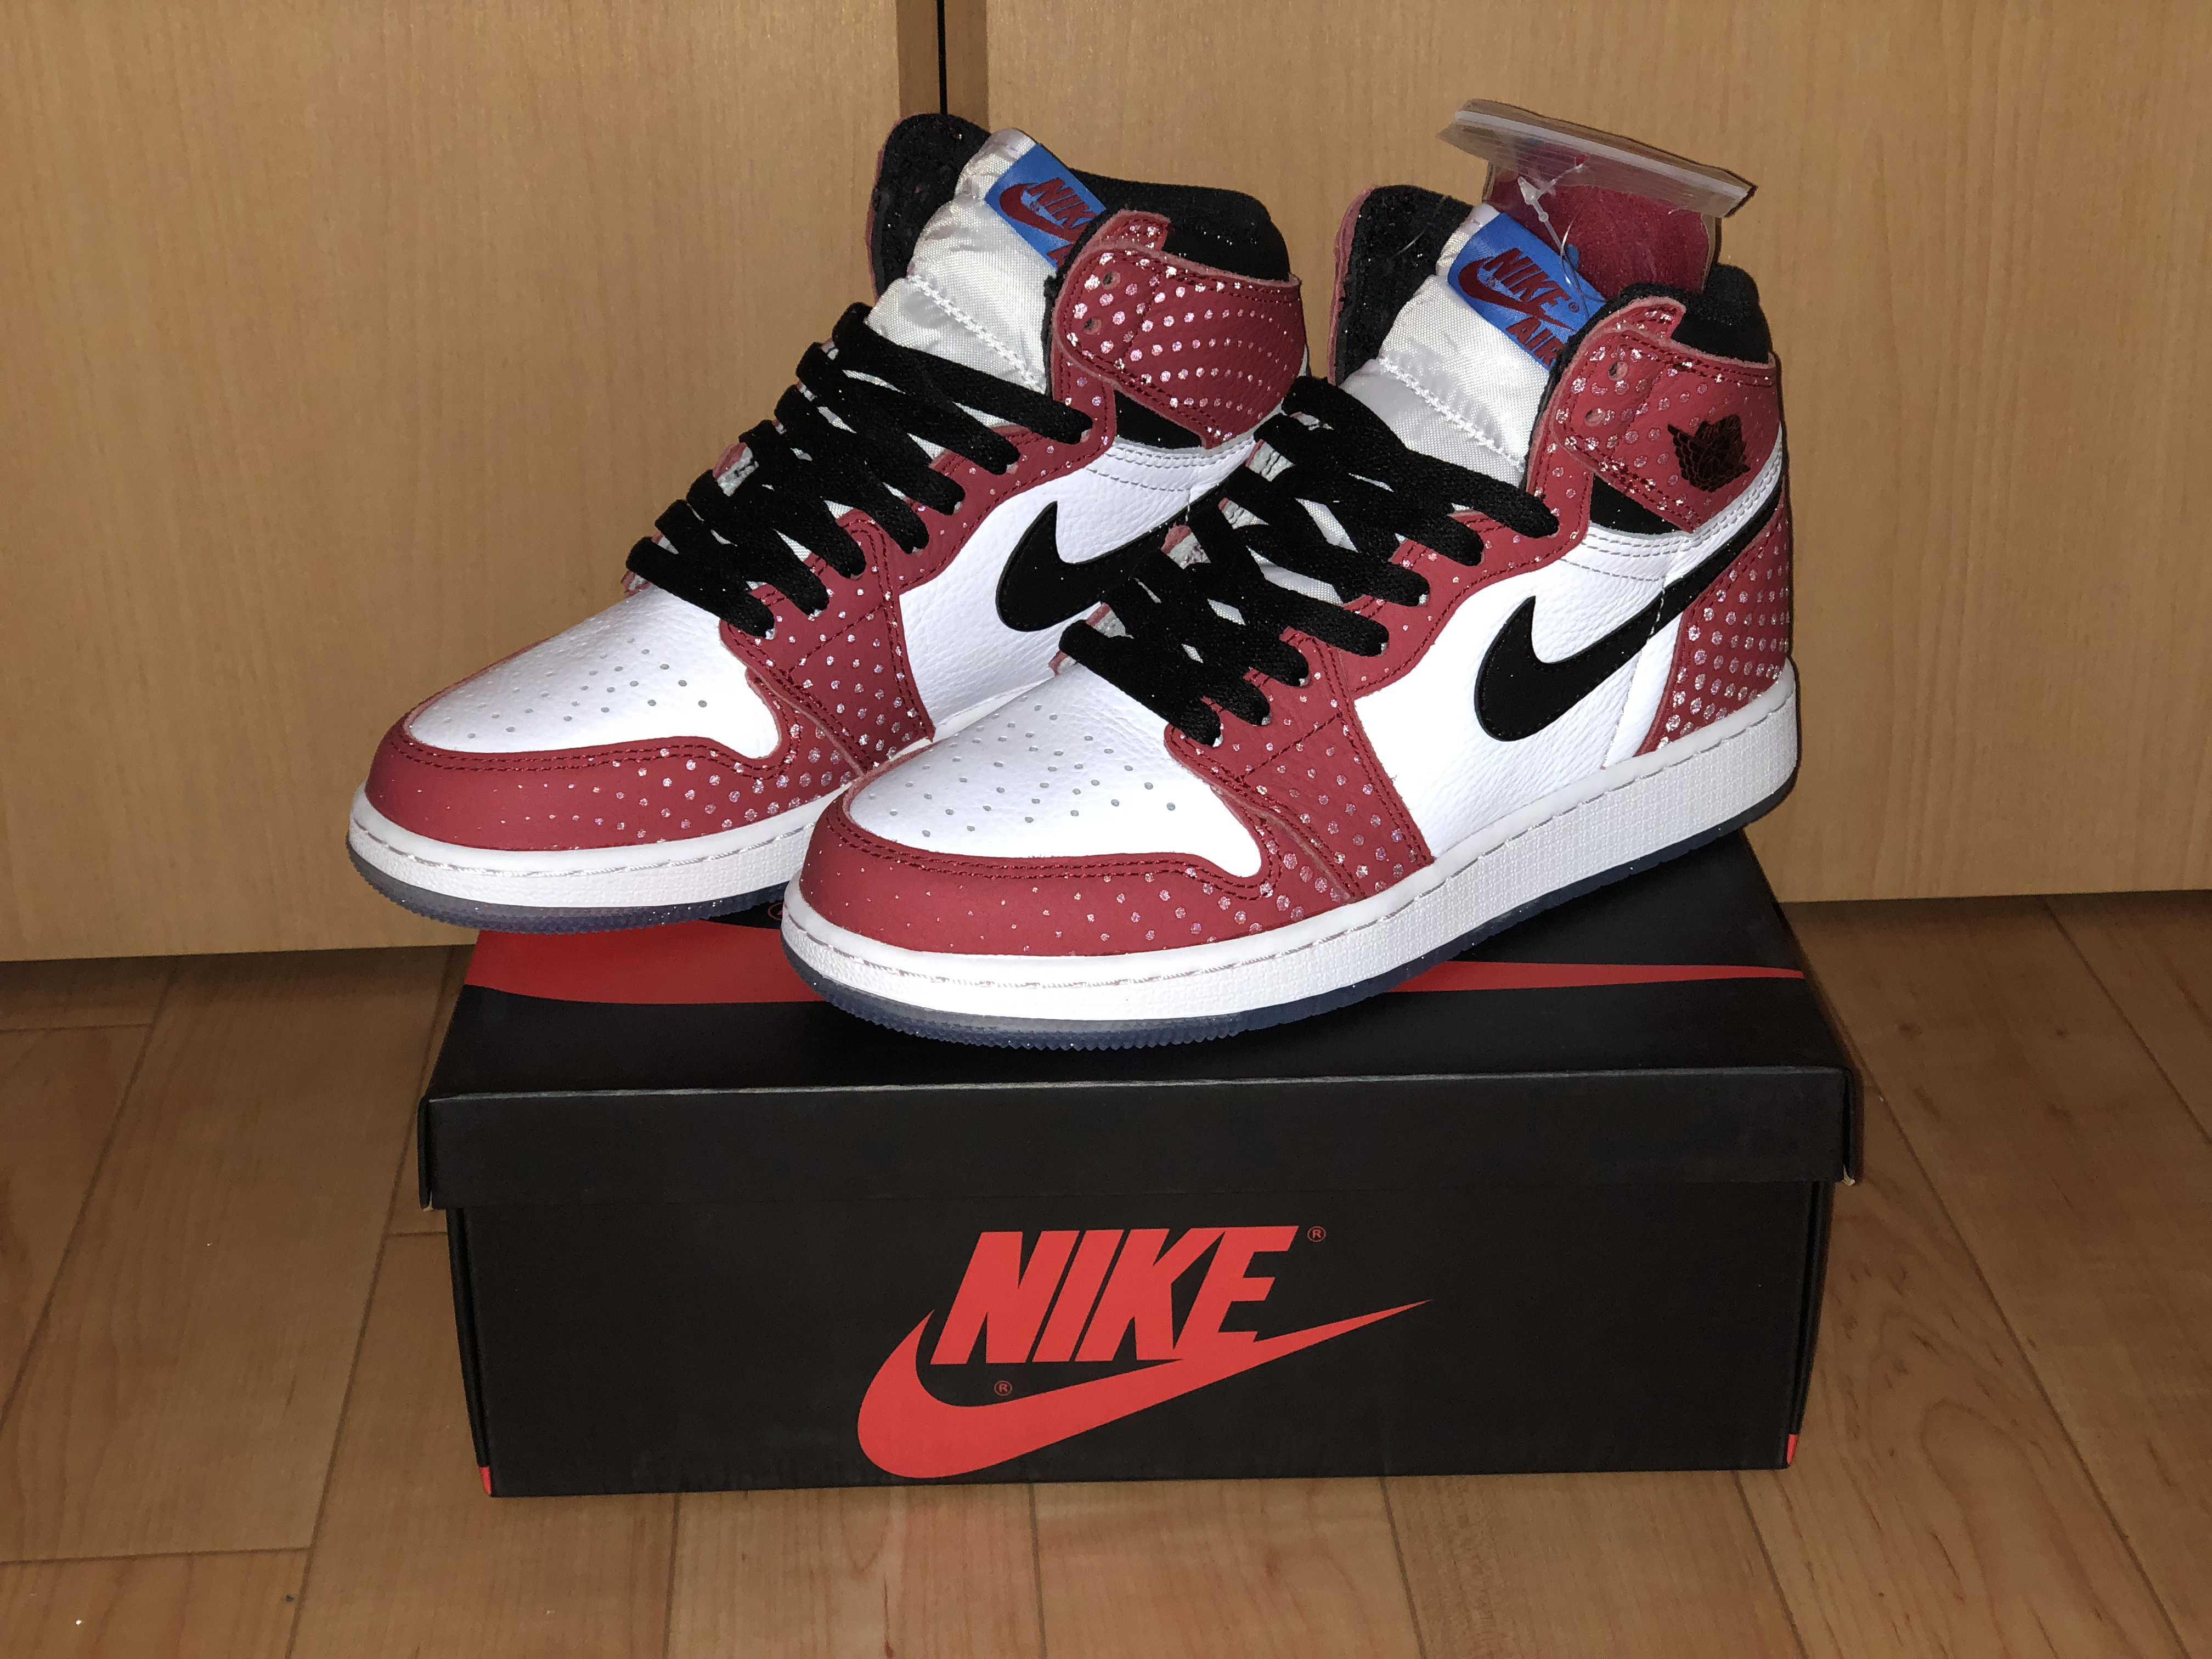 Air Jordan1 retro high og spider-man